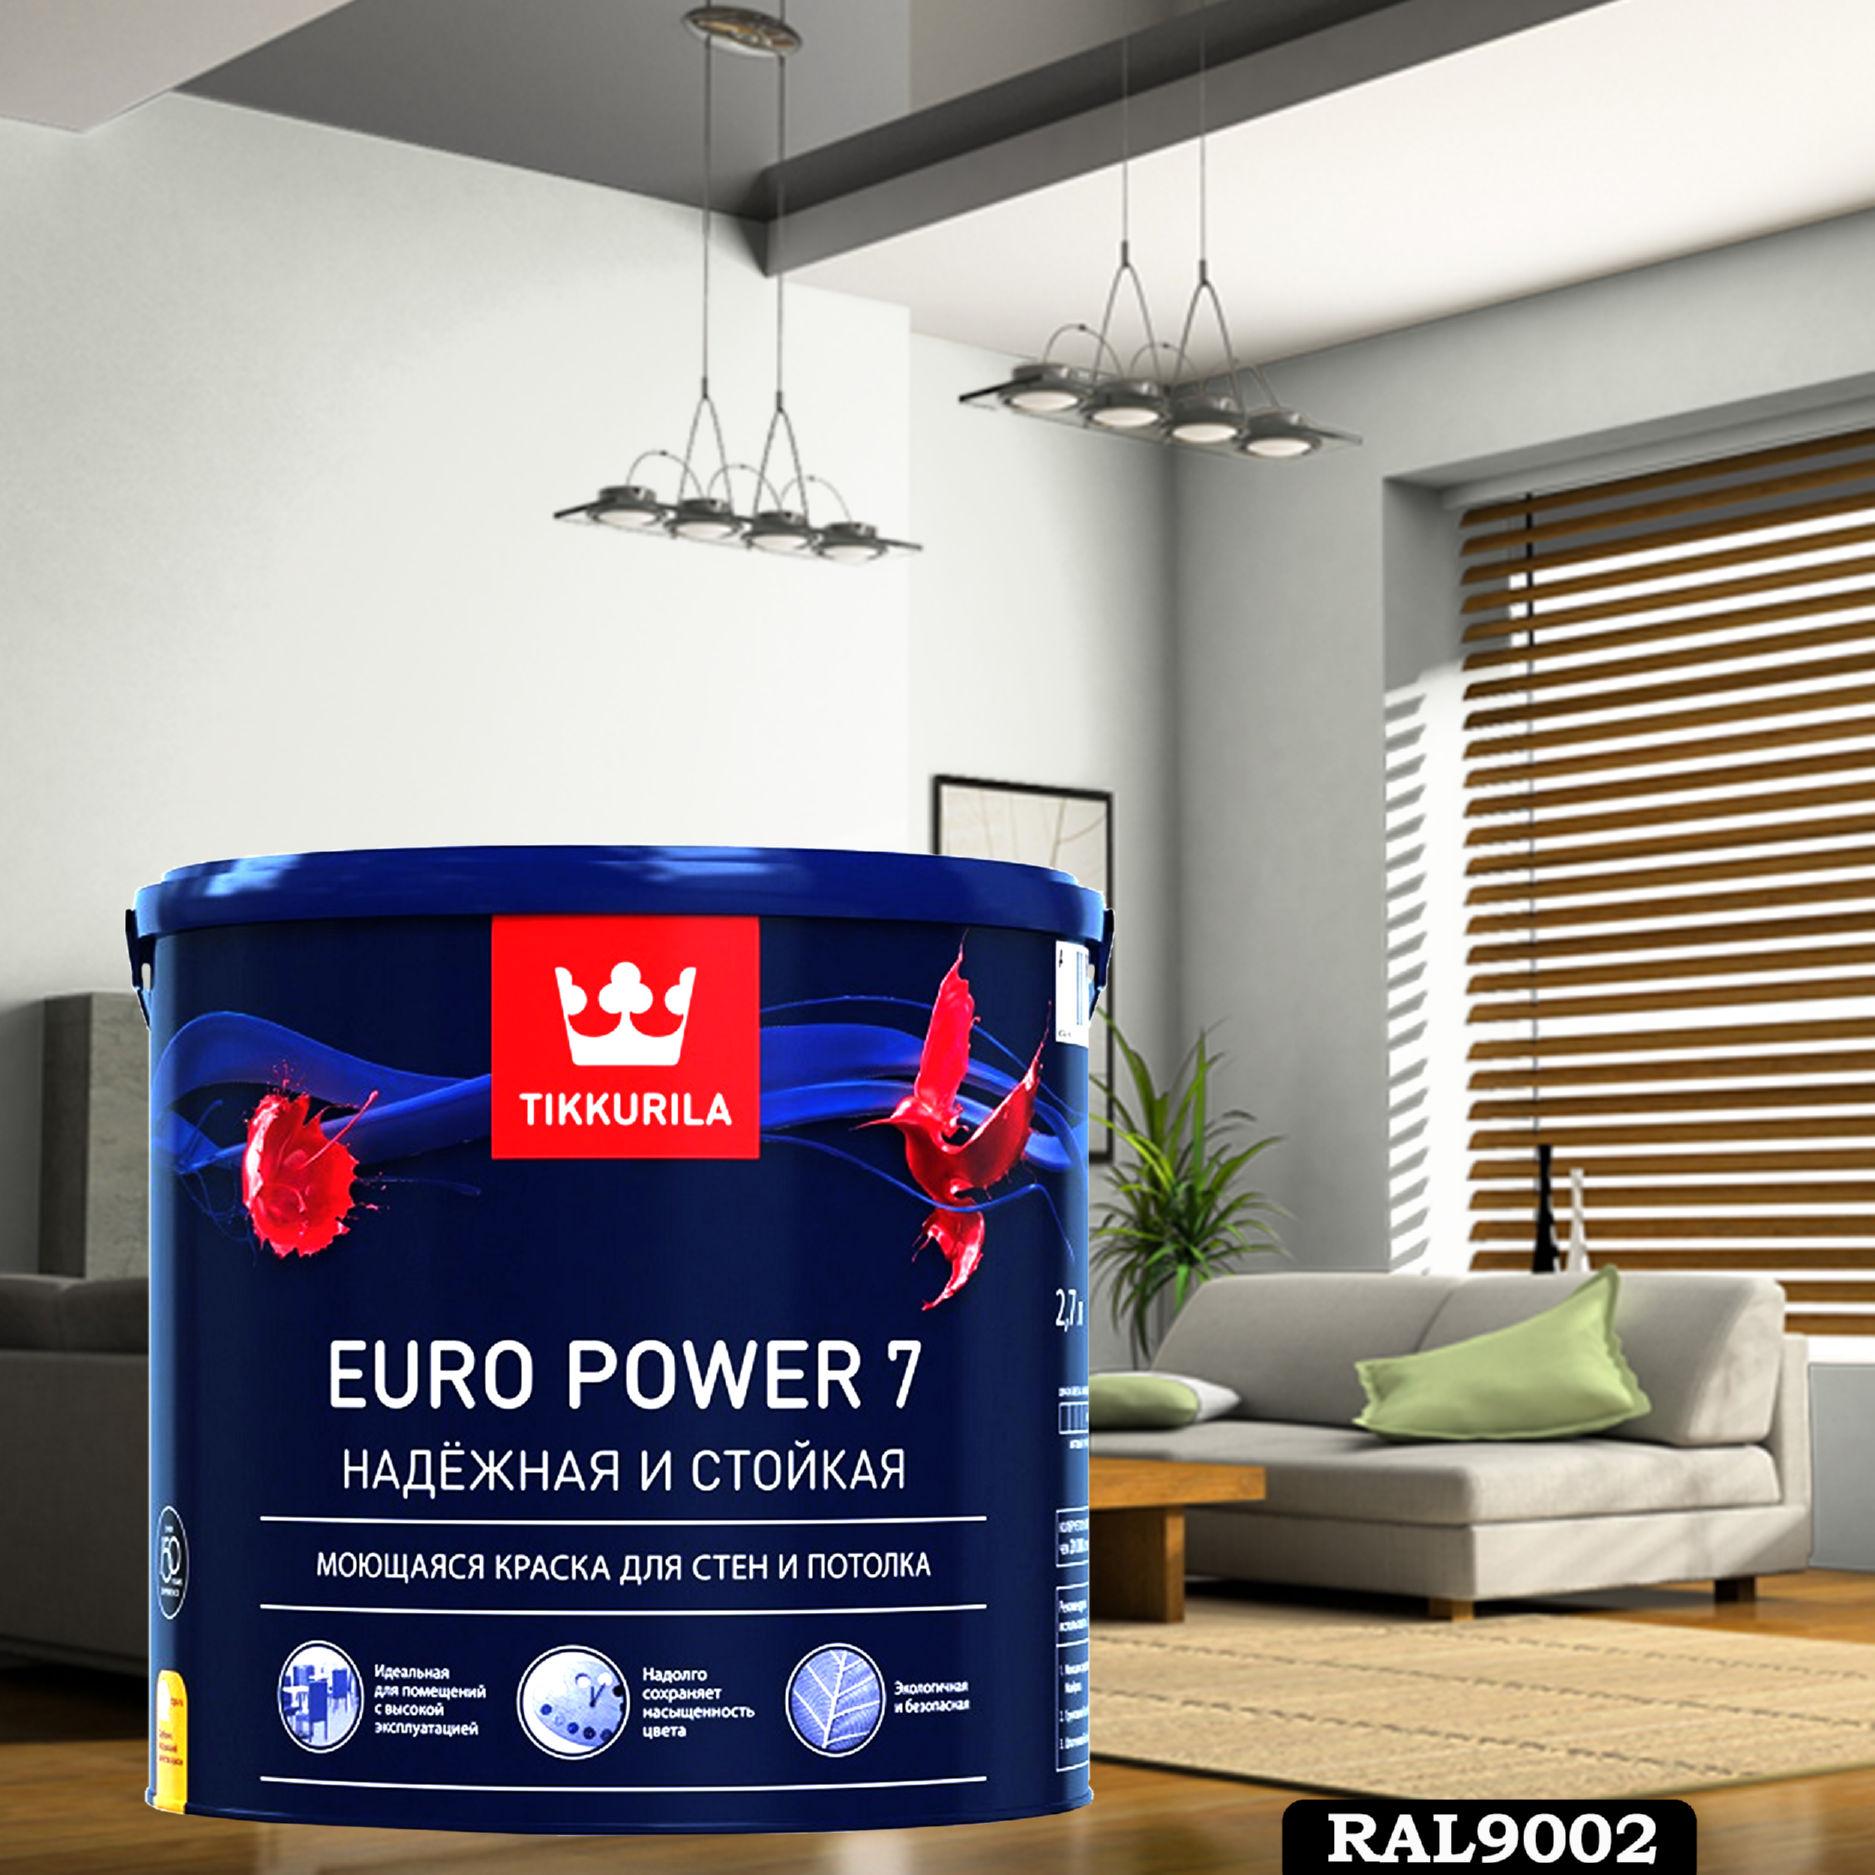 Фото 2 - Краска TIKKURILA Euro Power 7,  RAL 9002 Серо-белый, латексная моющаяся матовая интерьерная, 9 л.